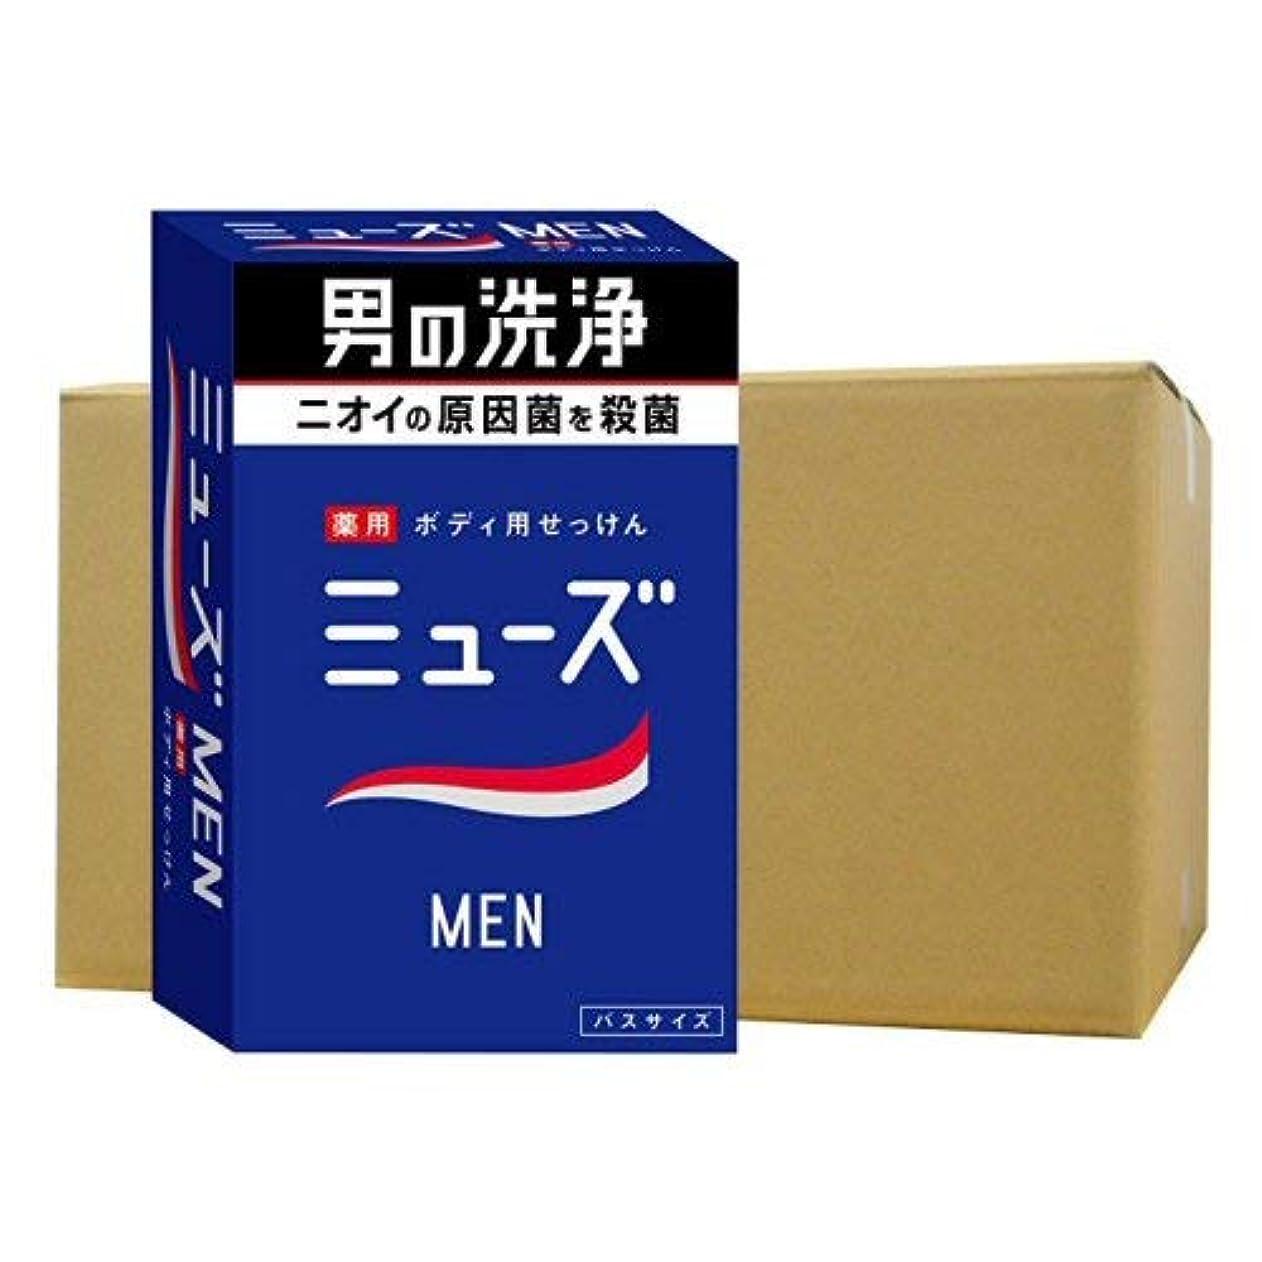 女の子排泄する淡いミューズメン薬用石鹸 135g×24個セット